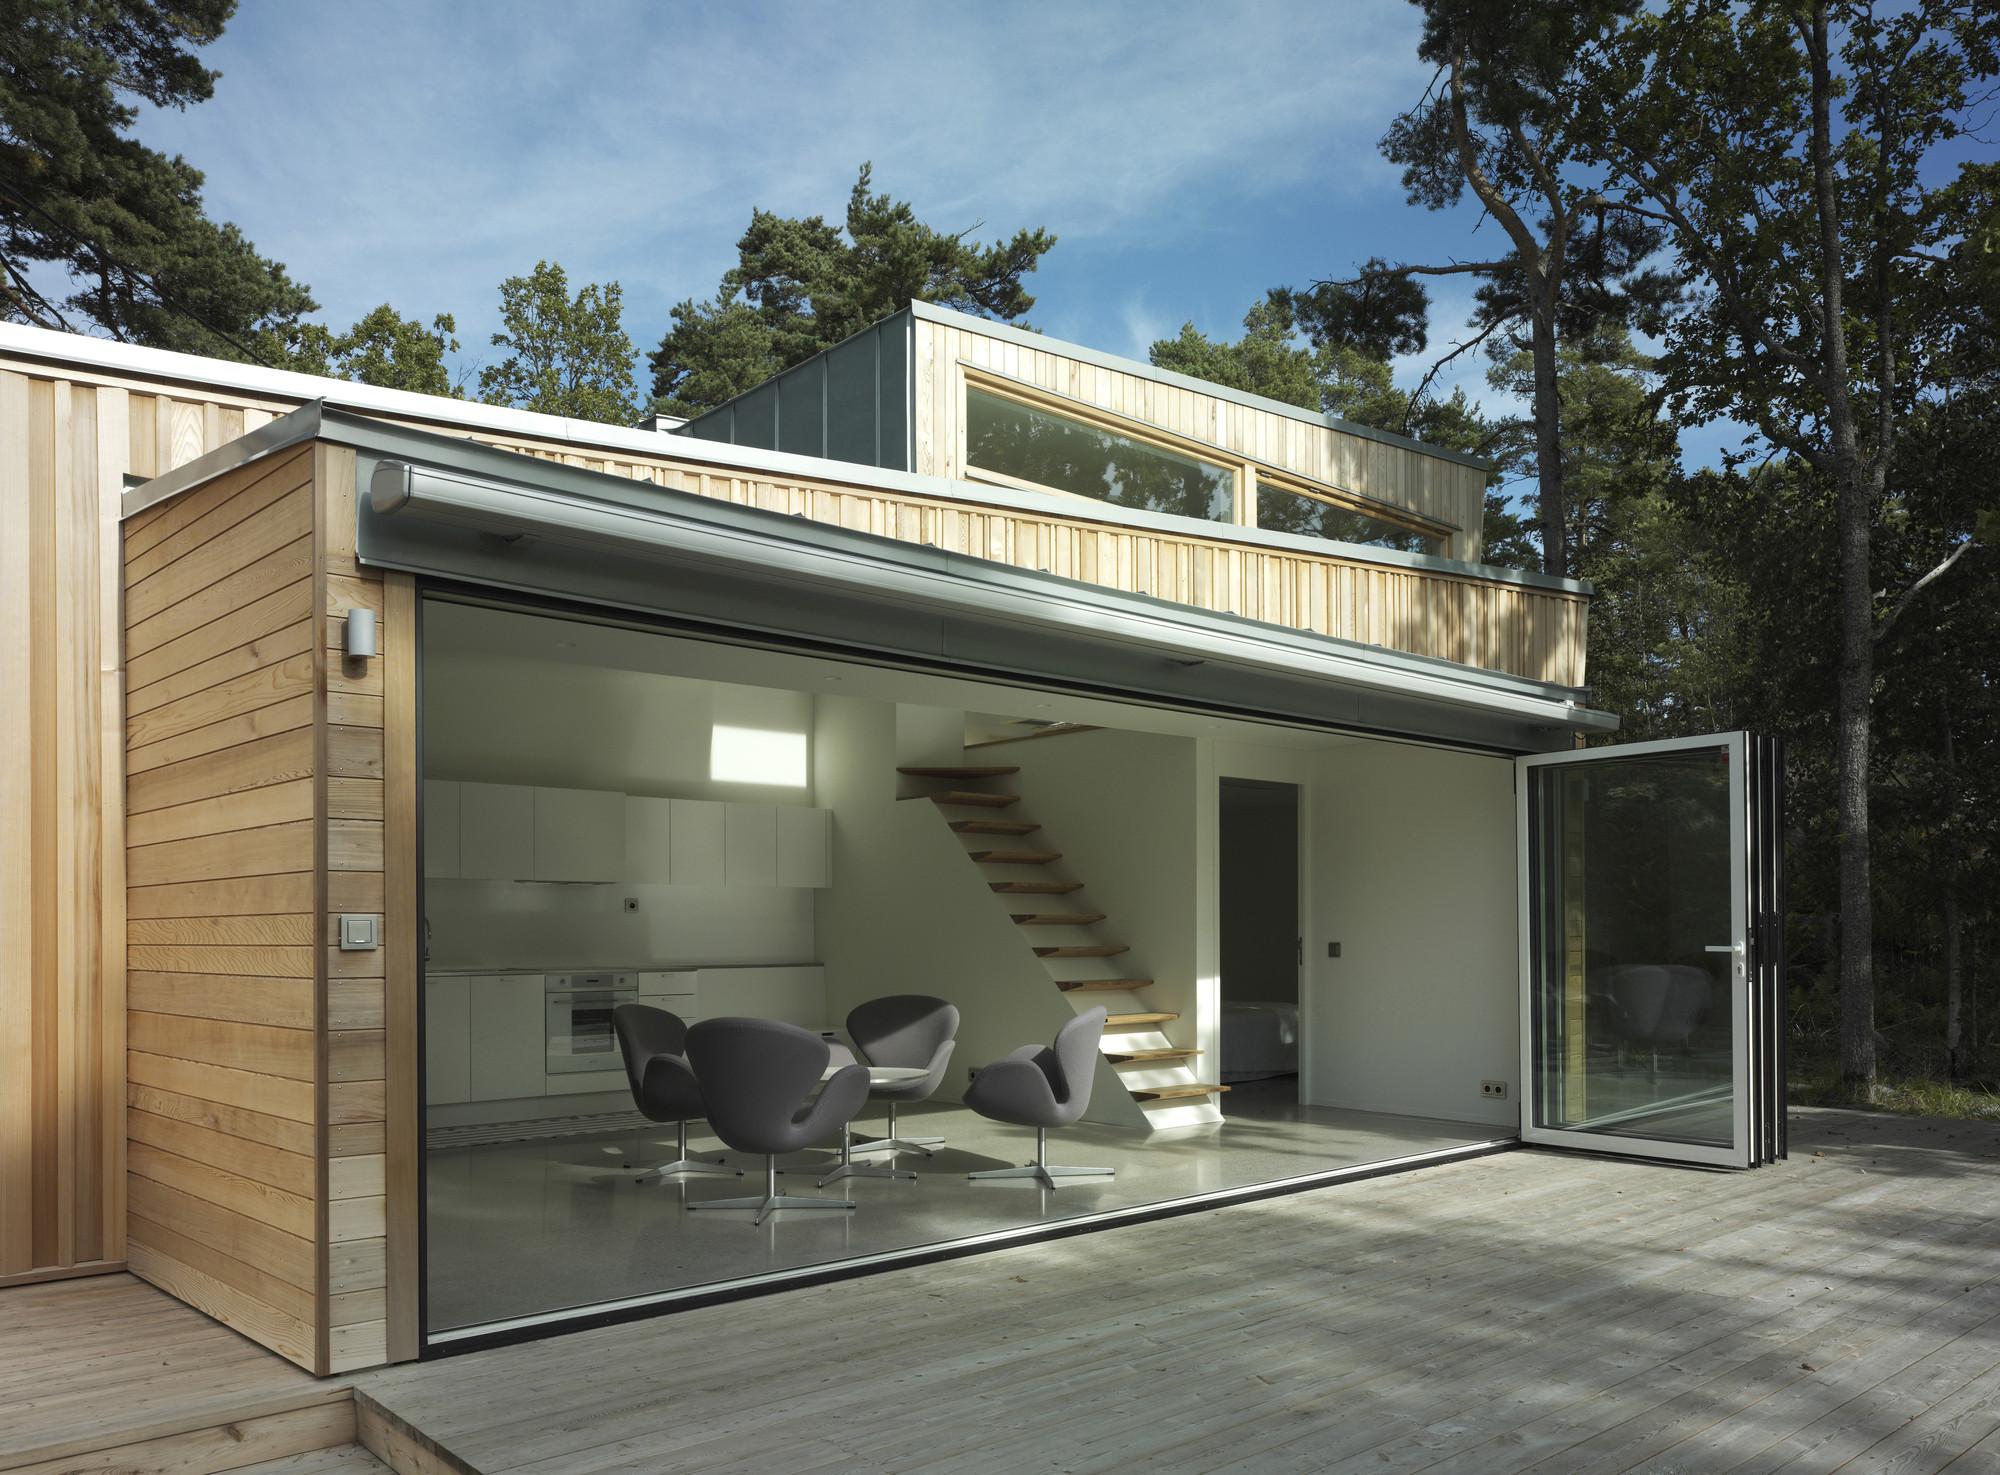 Wood house schlyter gezelius arkitektkontor archdaily